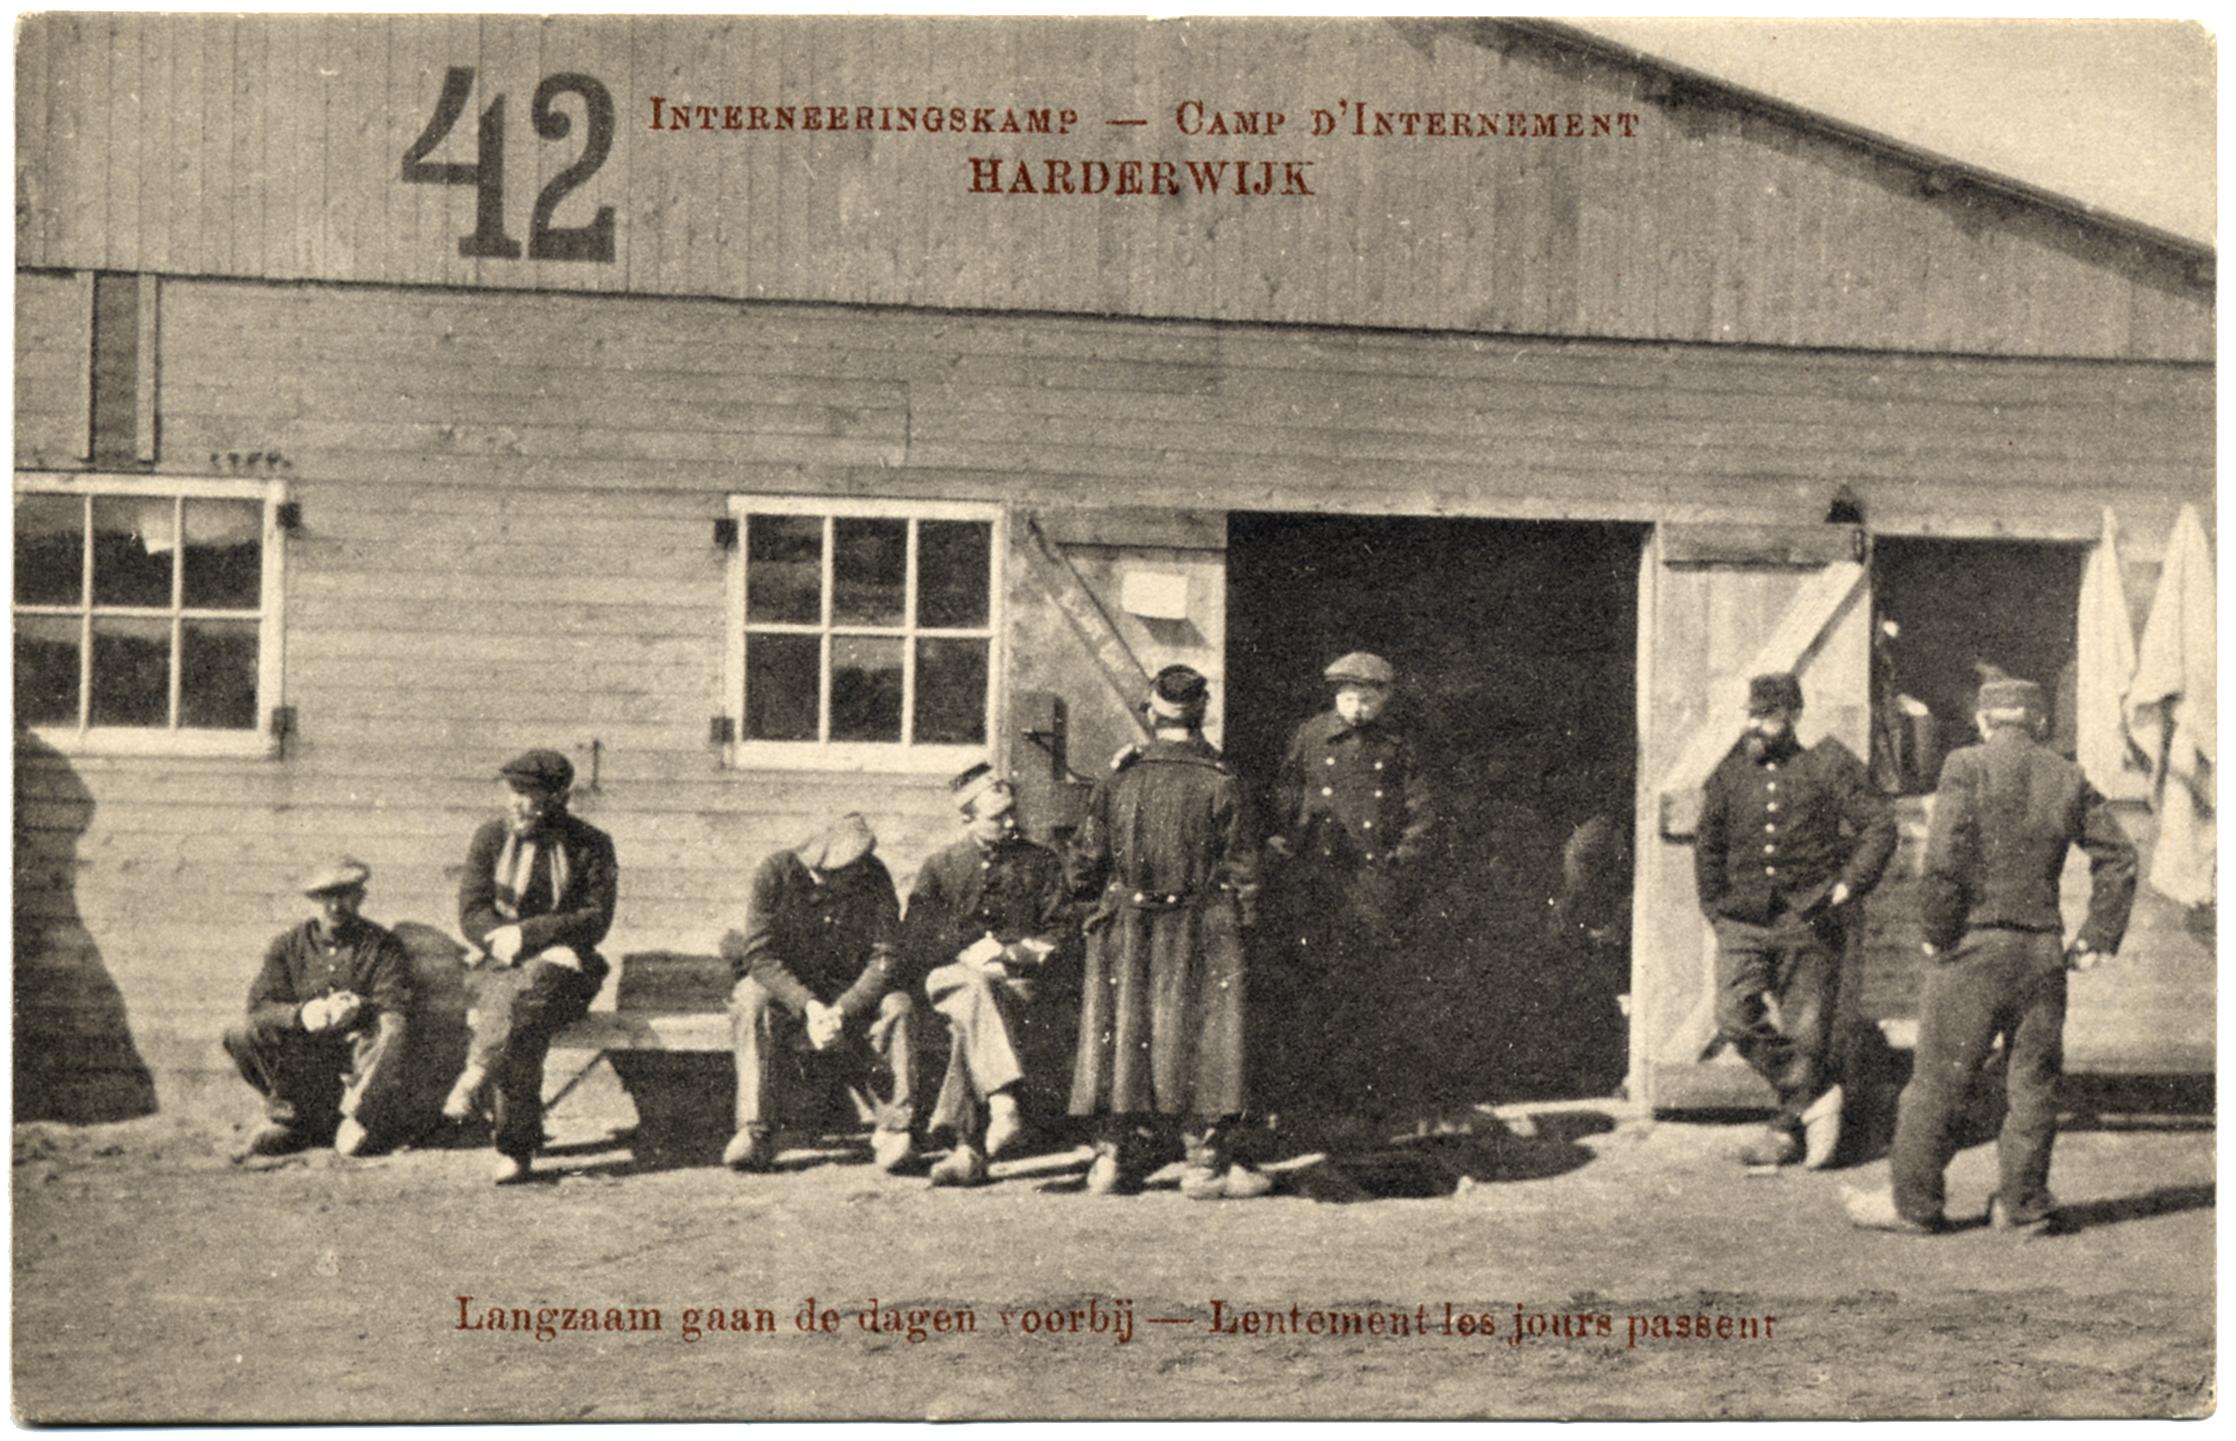 Zicht op soldaten voor een barak in het interneringskamp Harderwijk - Databank Agrippa, Letterenhuis